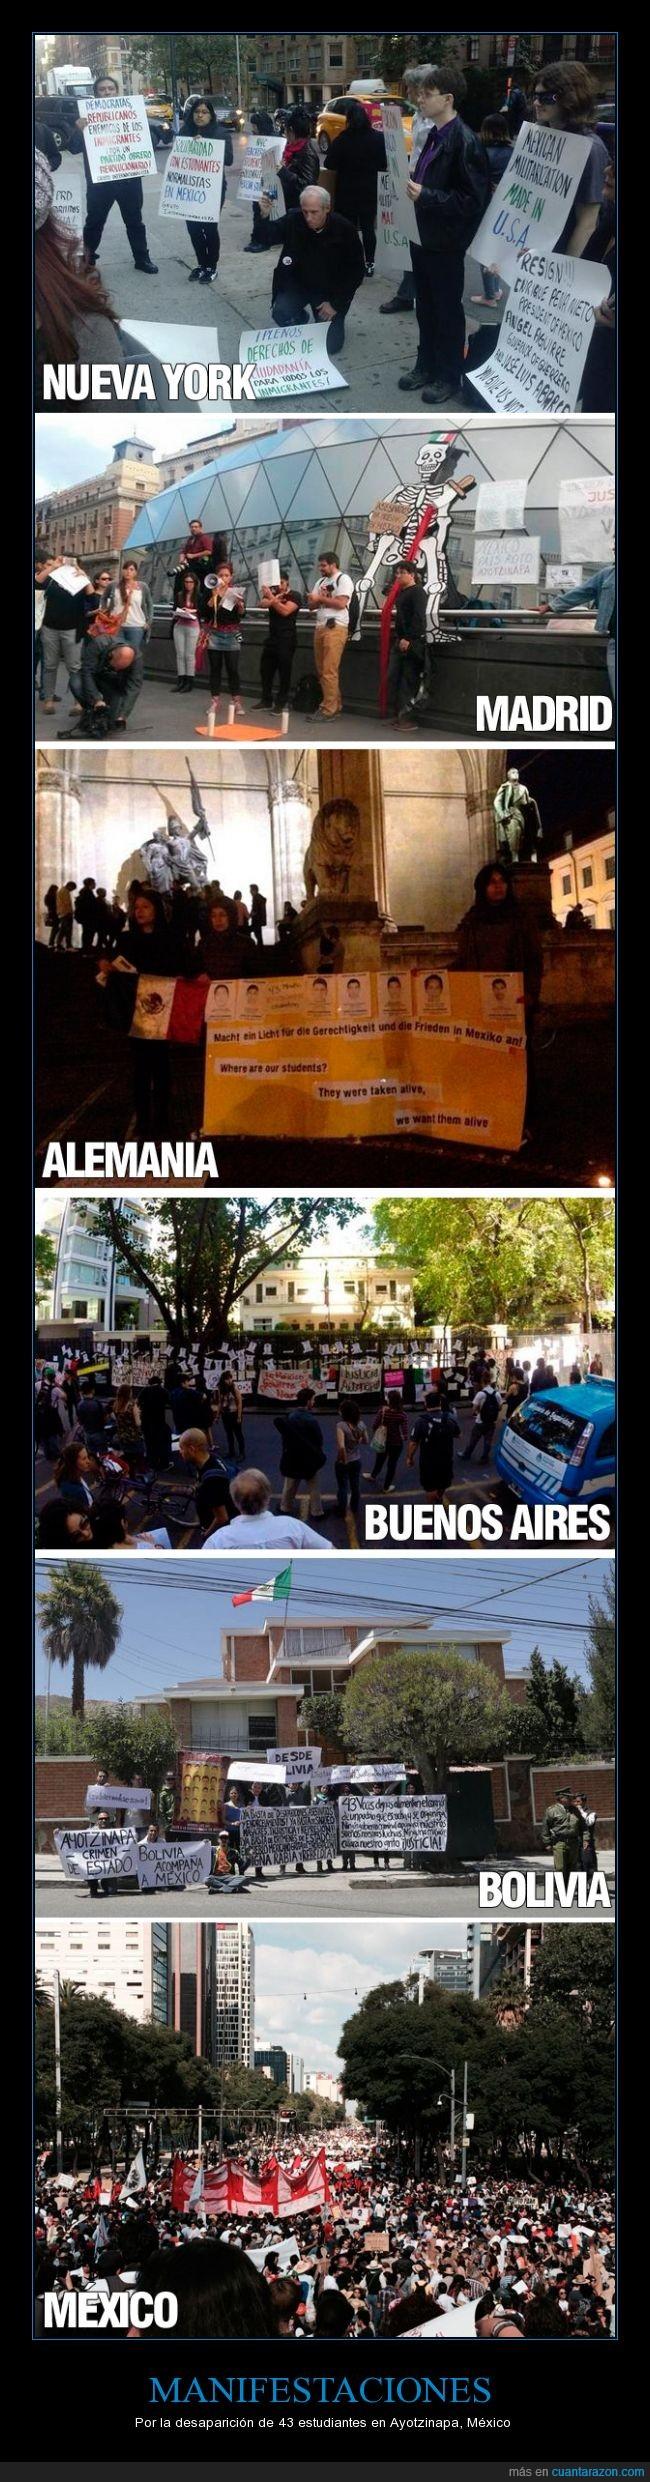 ayotzinapa,delincuencia,desaparecido,estudiante,guerrero,maestro,manifestacion,mexico